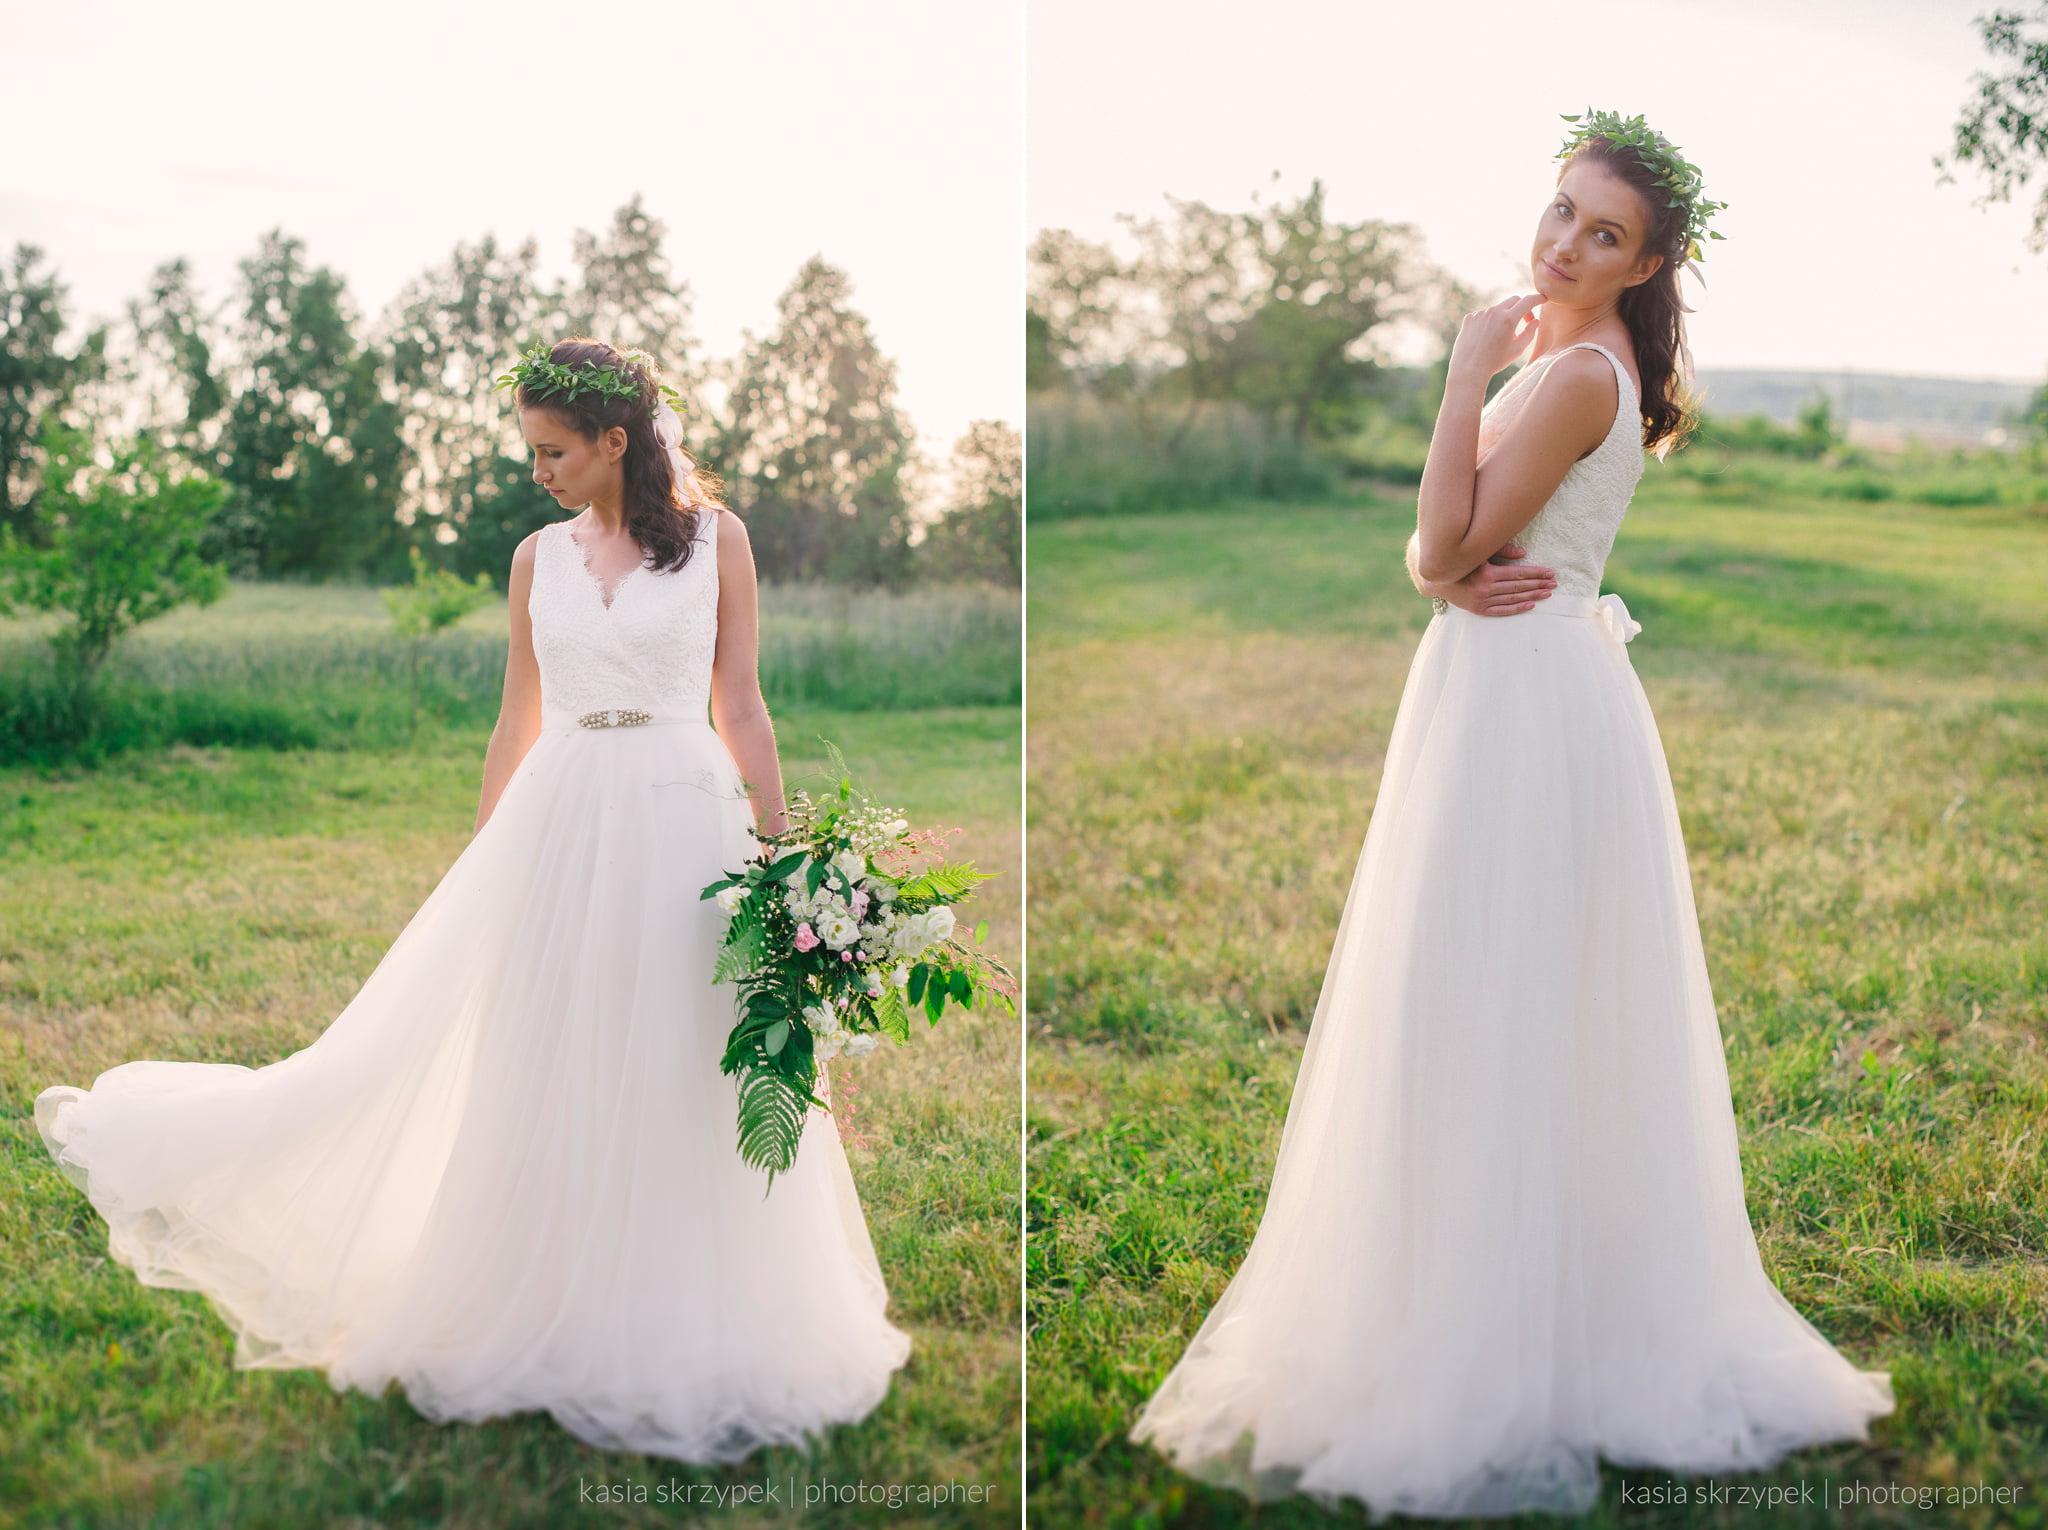 Blog-Botanical-Wedding-Styled-Shoot-17